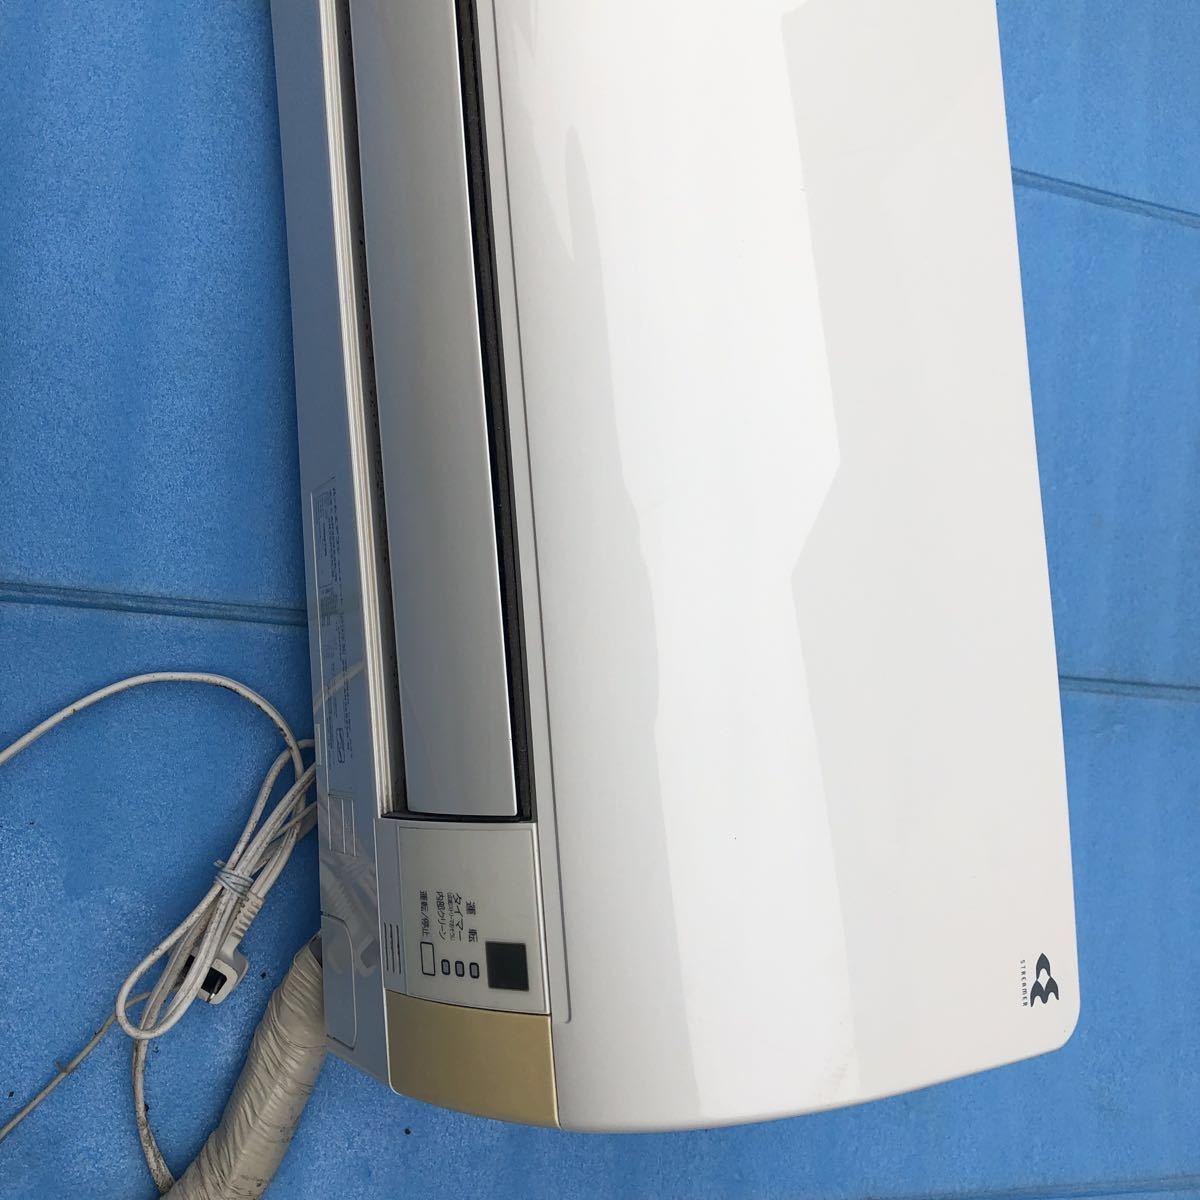 ダイキン DAIKIN 2014年製 光速ストリーマ搭載 ルームエアコン 3.6kW ~15畳 AN36RES 中古品 送料安 禁煙 ペット無し_画像5